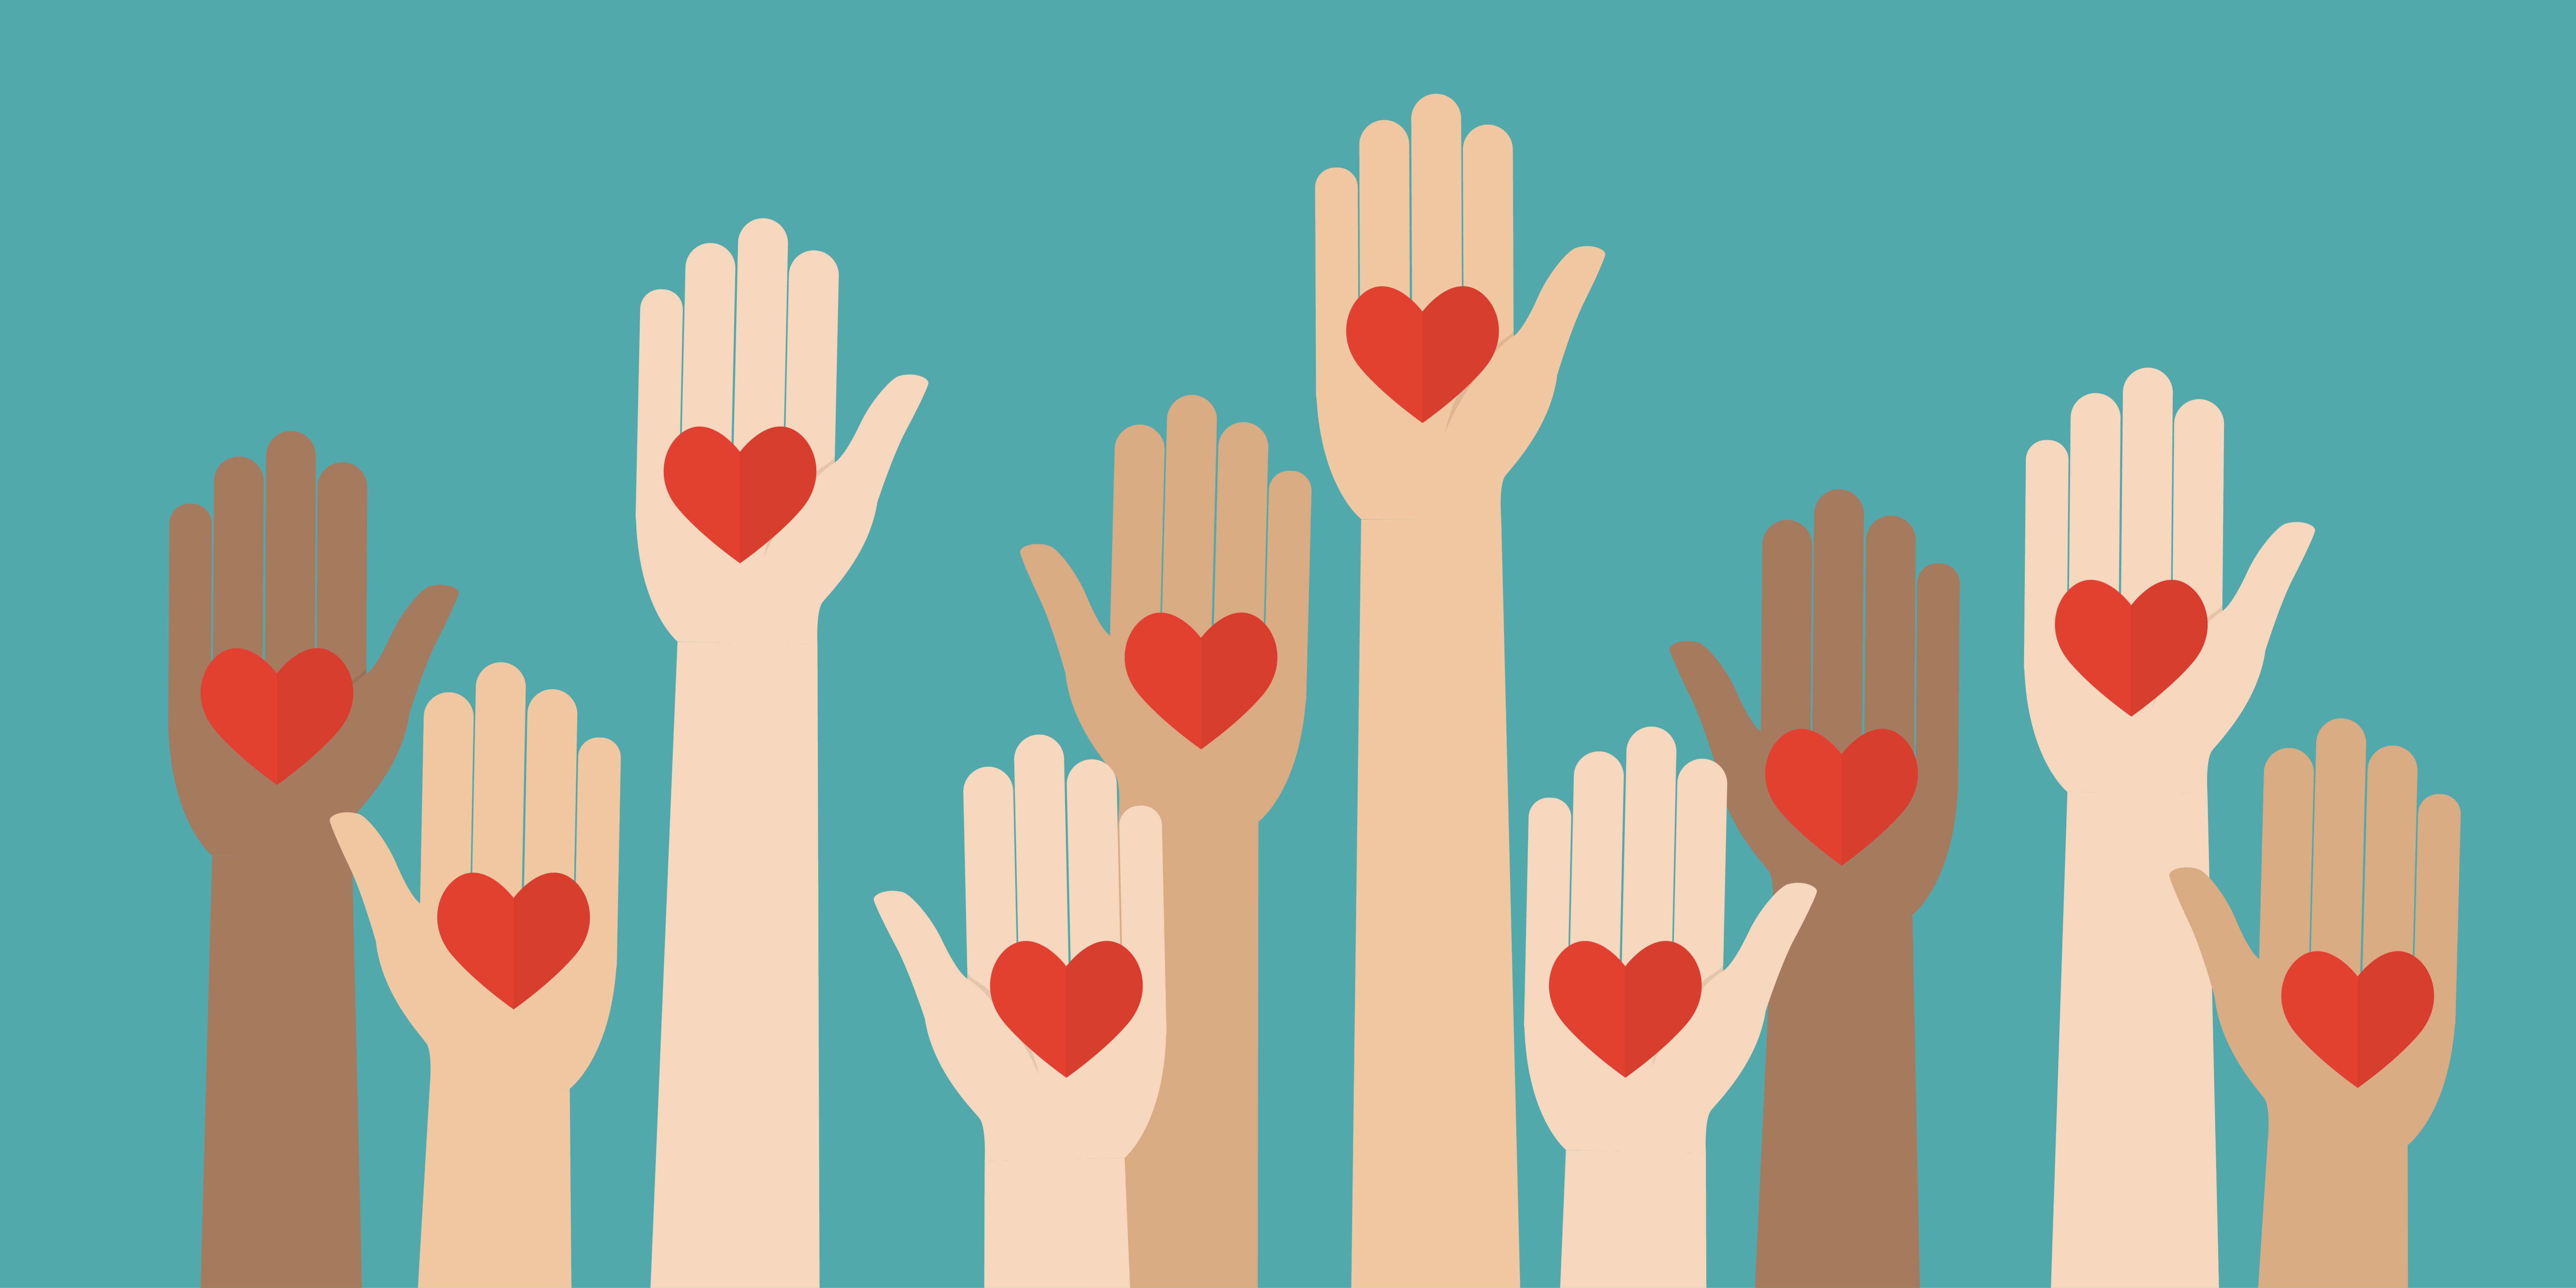 Volunteer image - hands with hearts